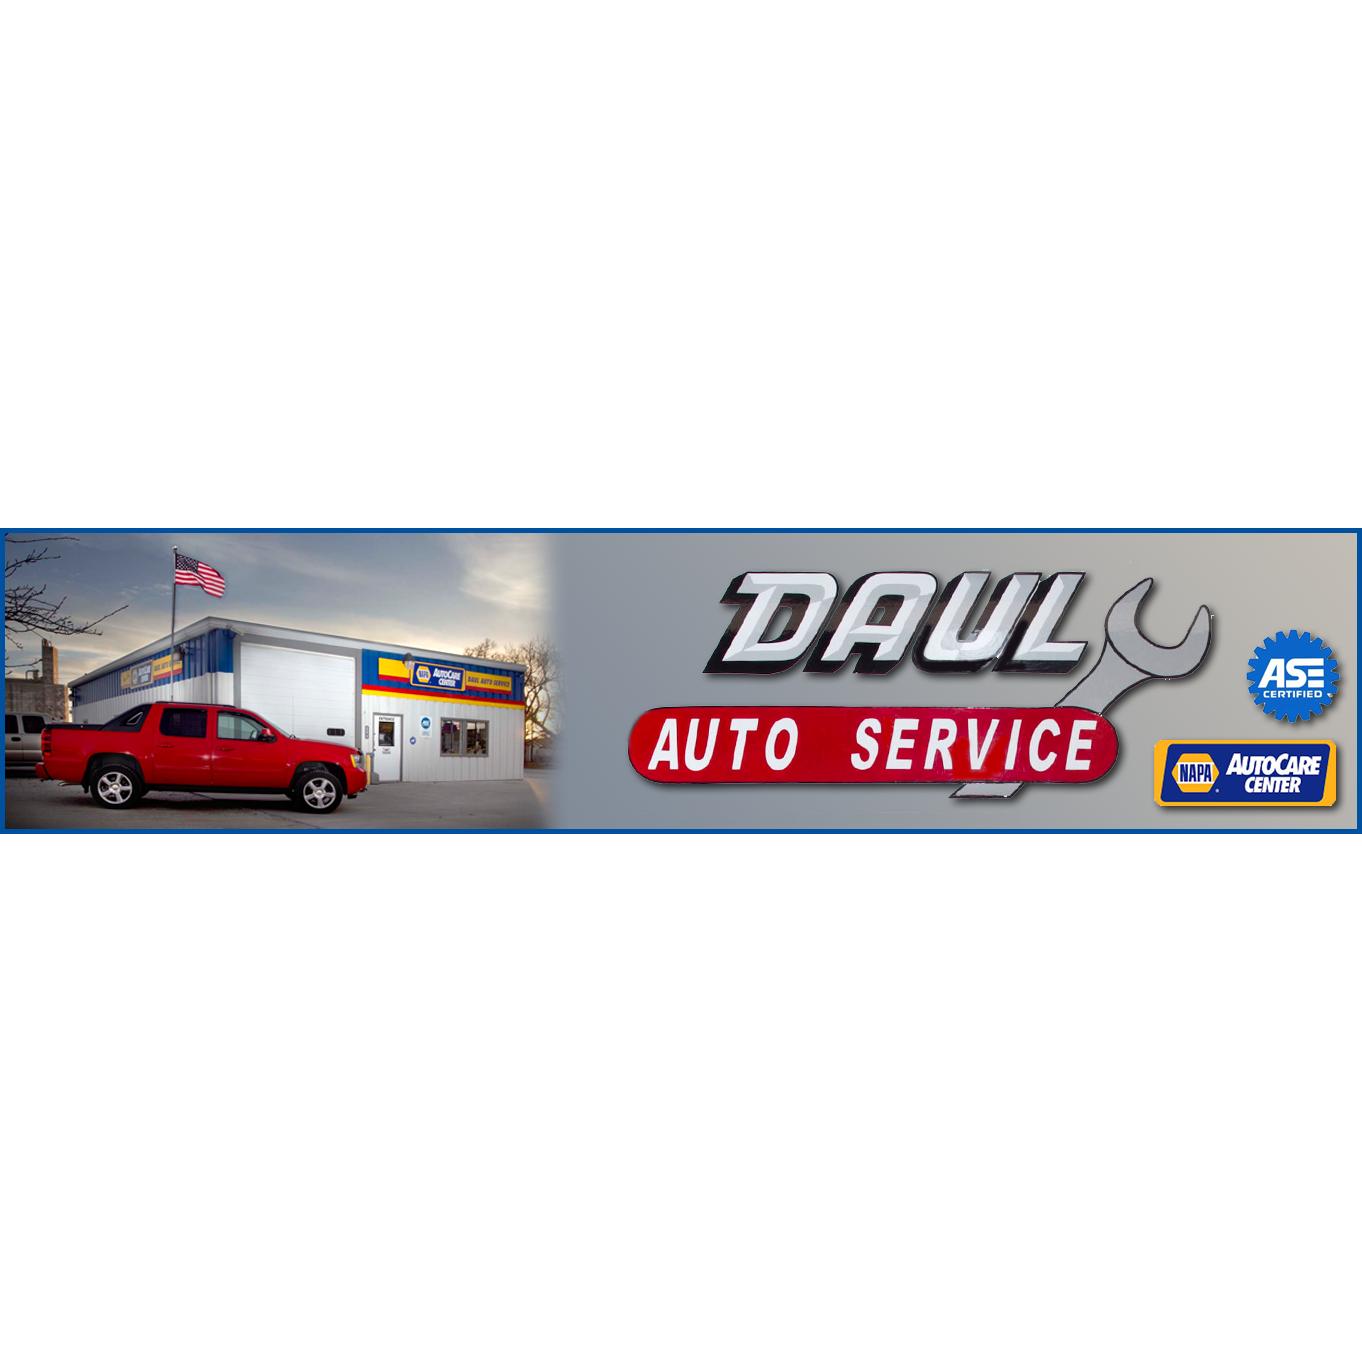 DAUL AUTO SERVICE